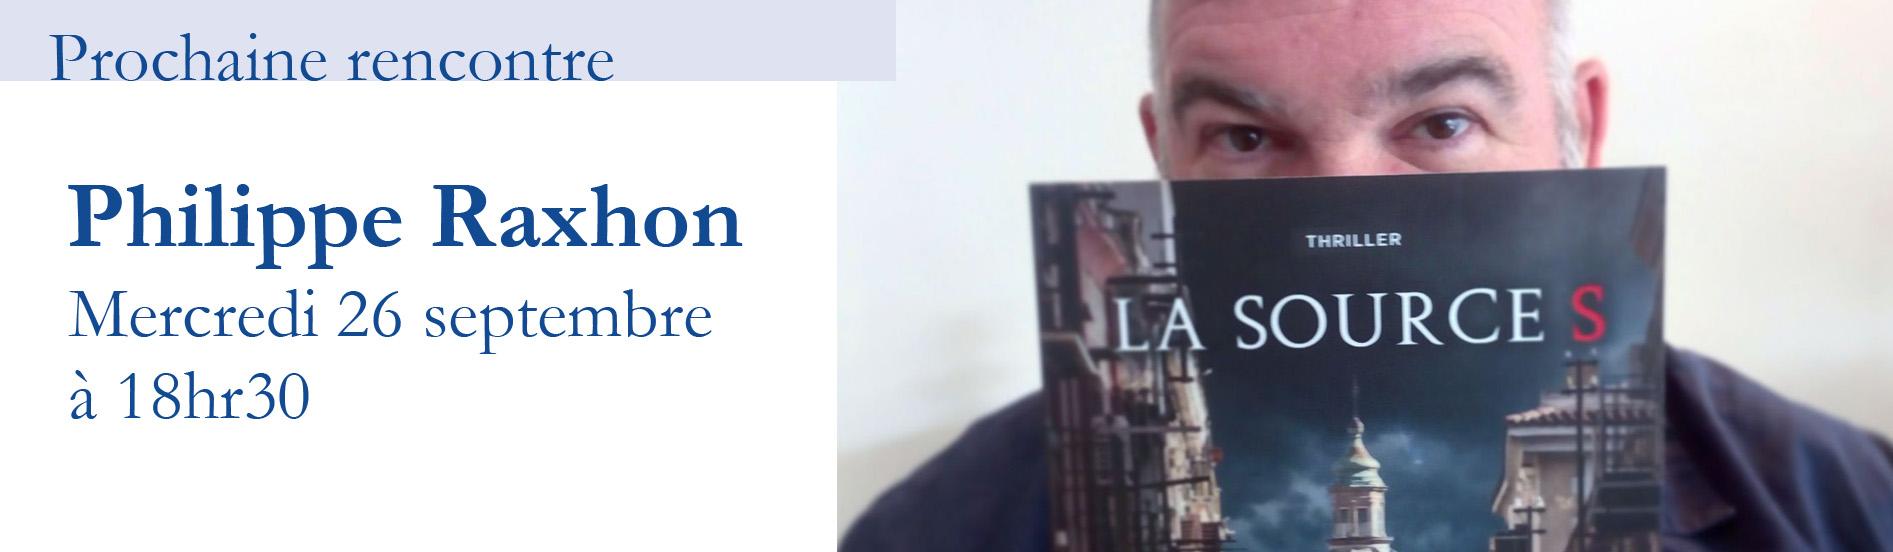 Rencontre avec Philippe Raxhon